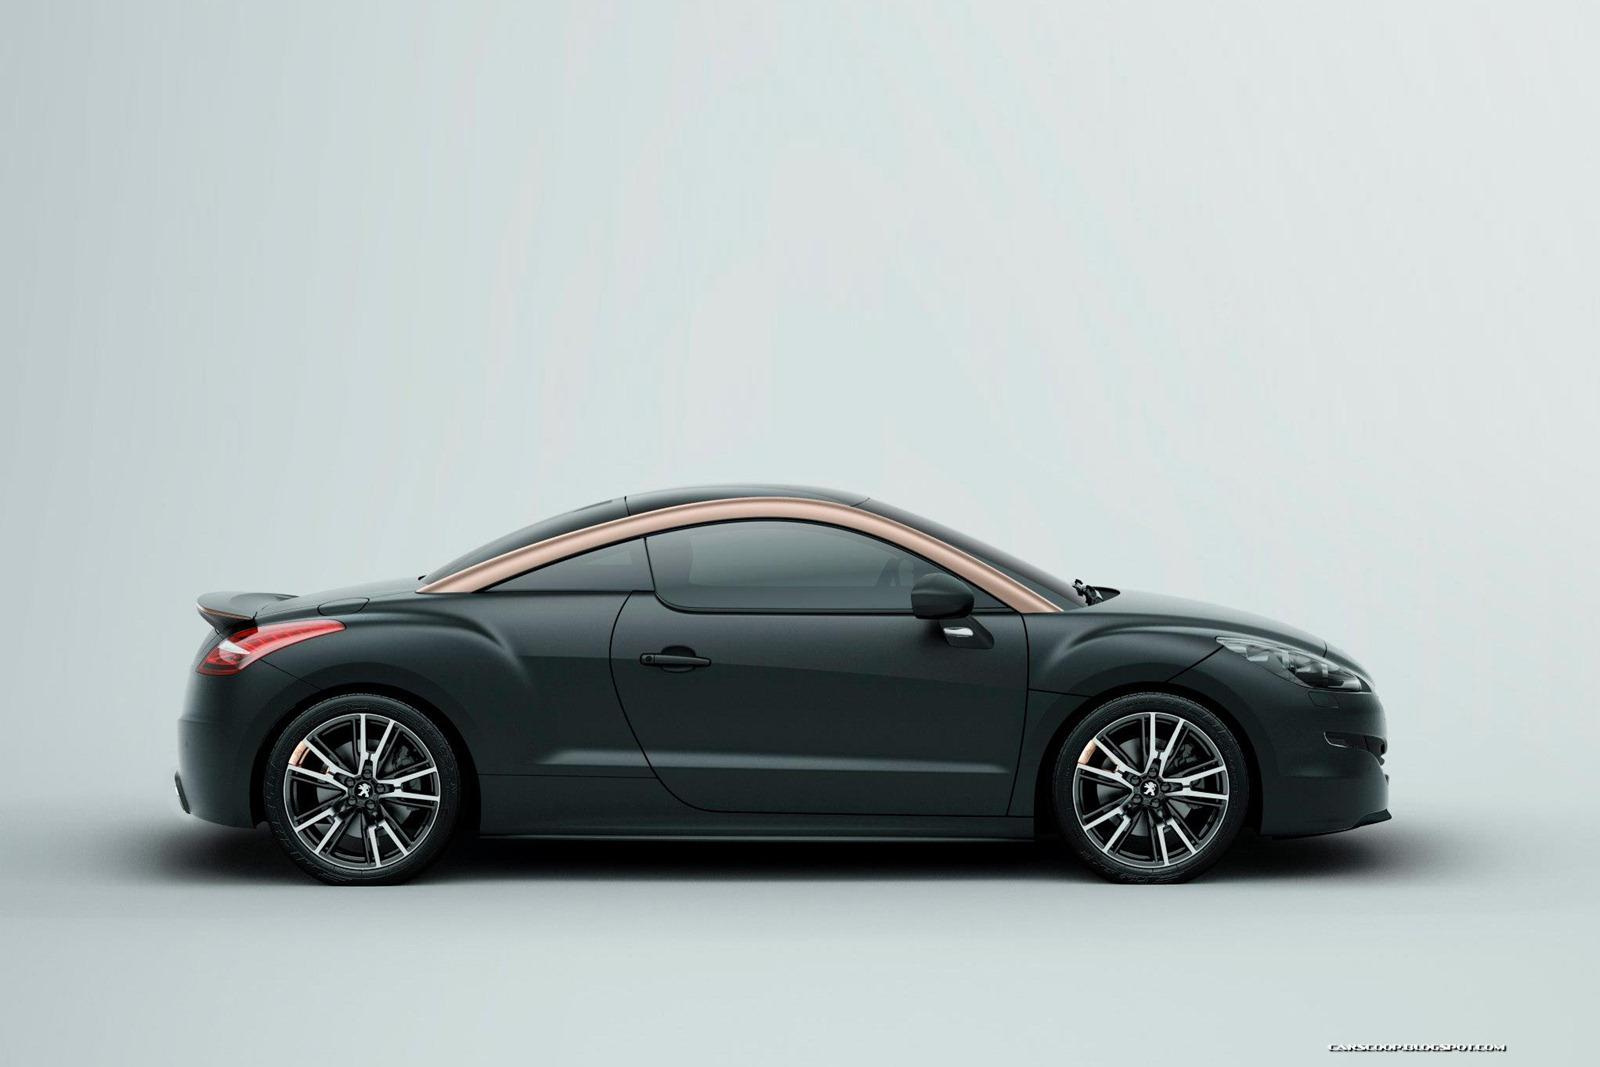 http://1.bp.blogspot.com/-l9c4DEgsJ3E/UFFw_BwkMcI/AAAAAAAALuM/tru1VrFRCKo/s1600/2013-Peugeot-RCZ-R-3[2].jpg